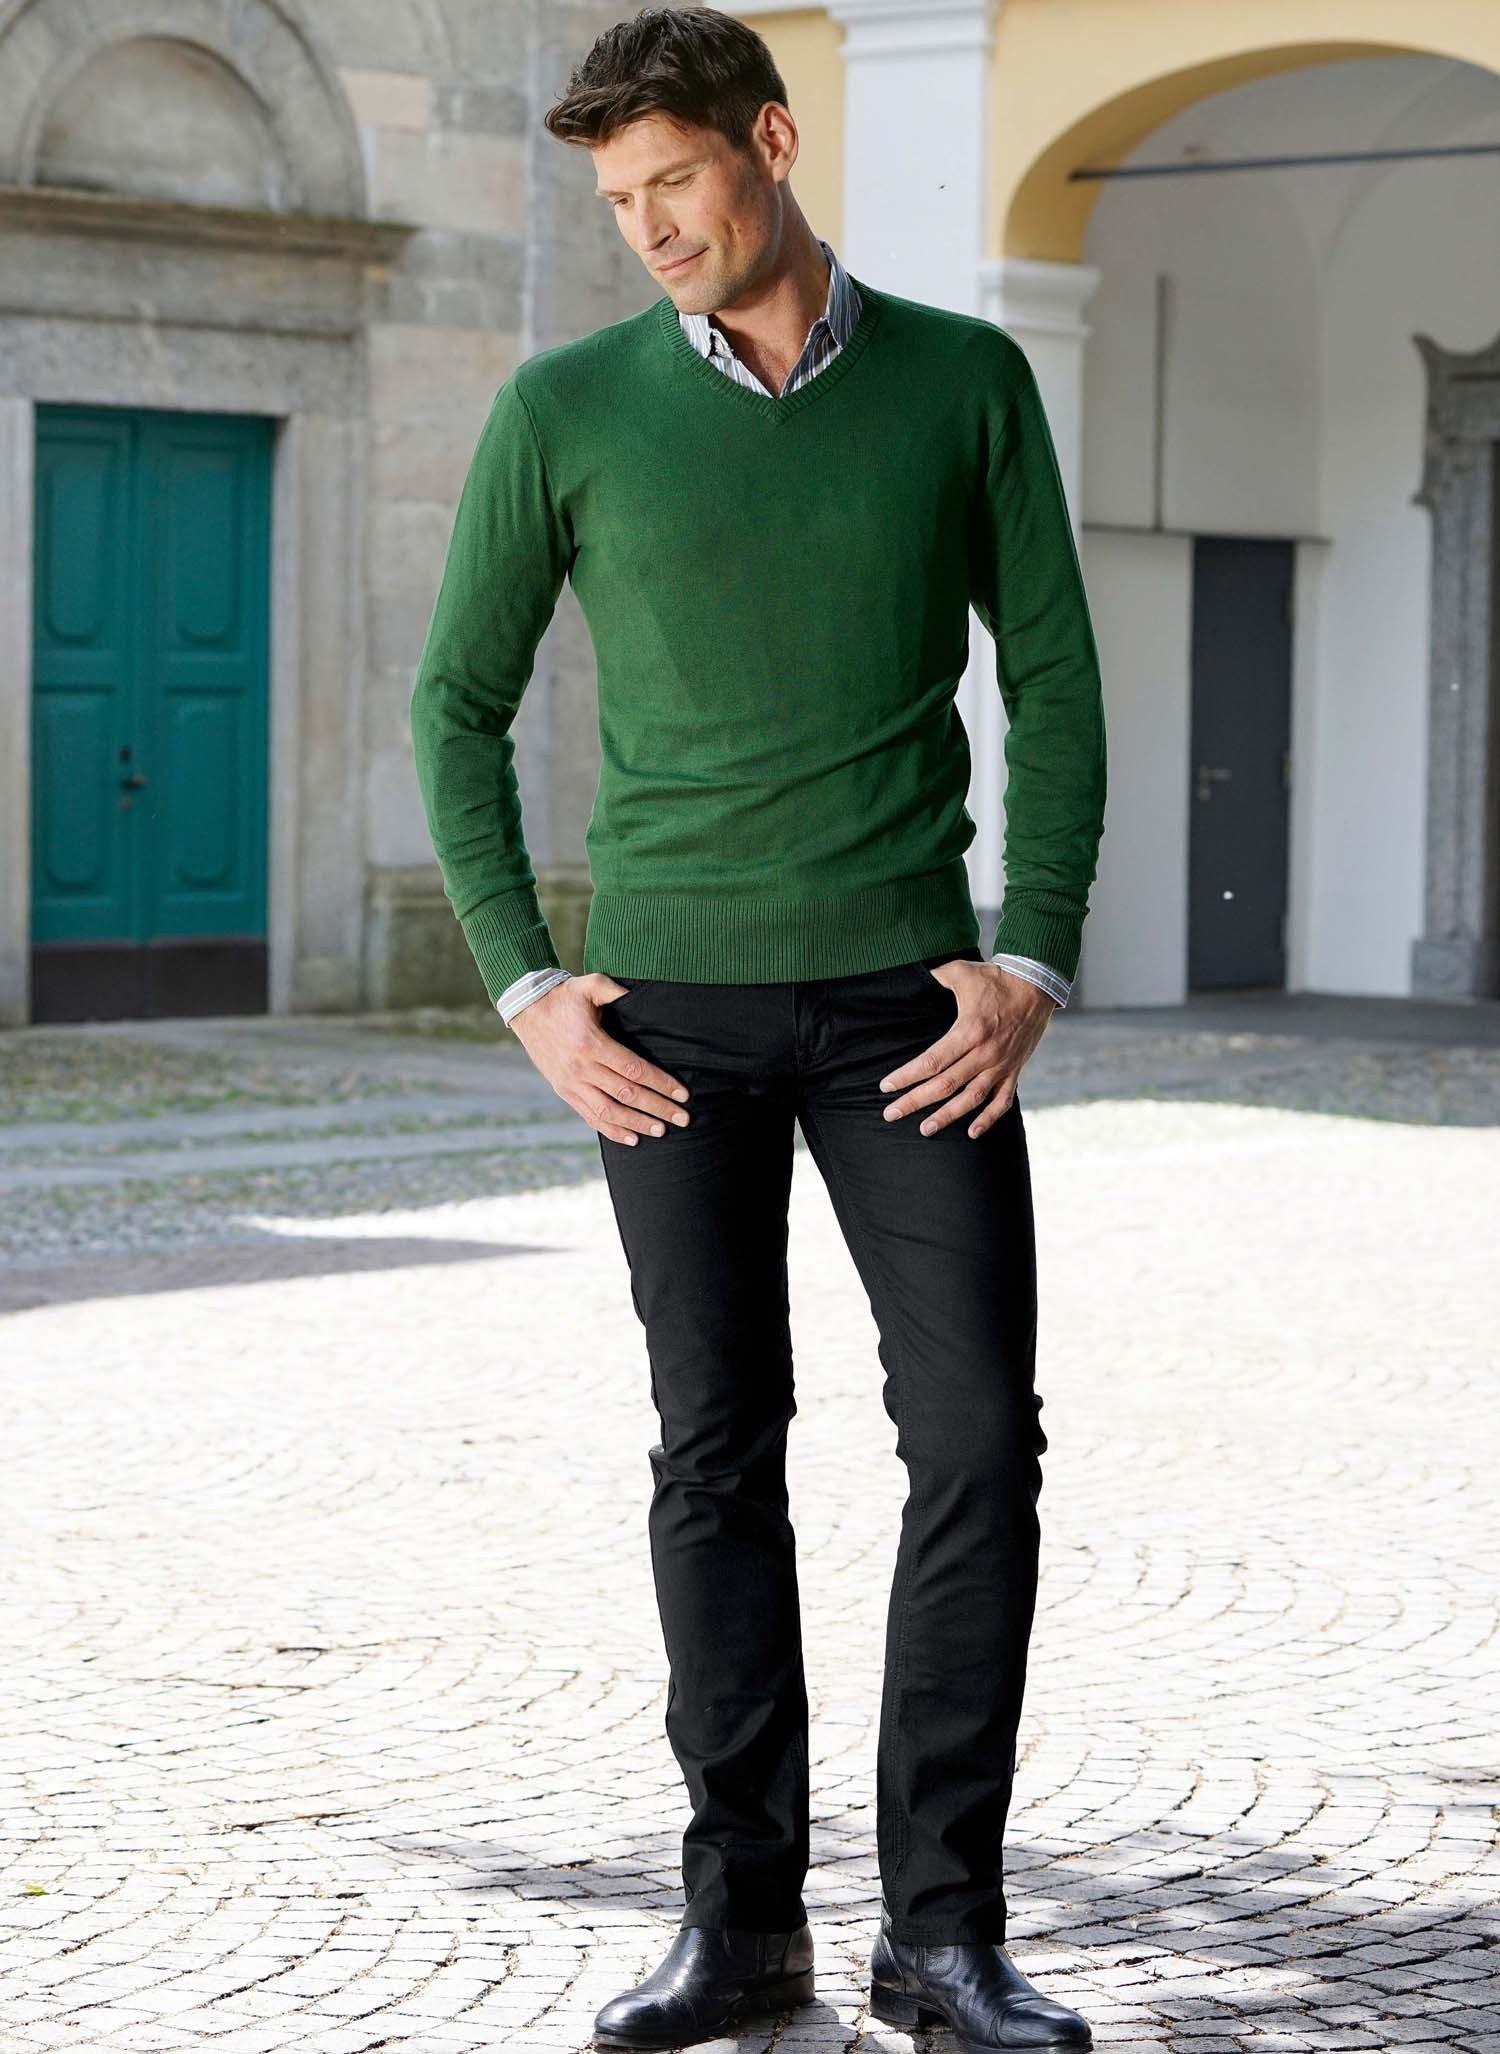 H-5P-Colors-Jeans schwarz 38 010 - 1 - Ronja.ch